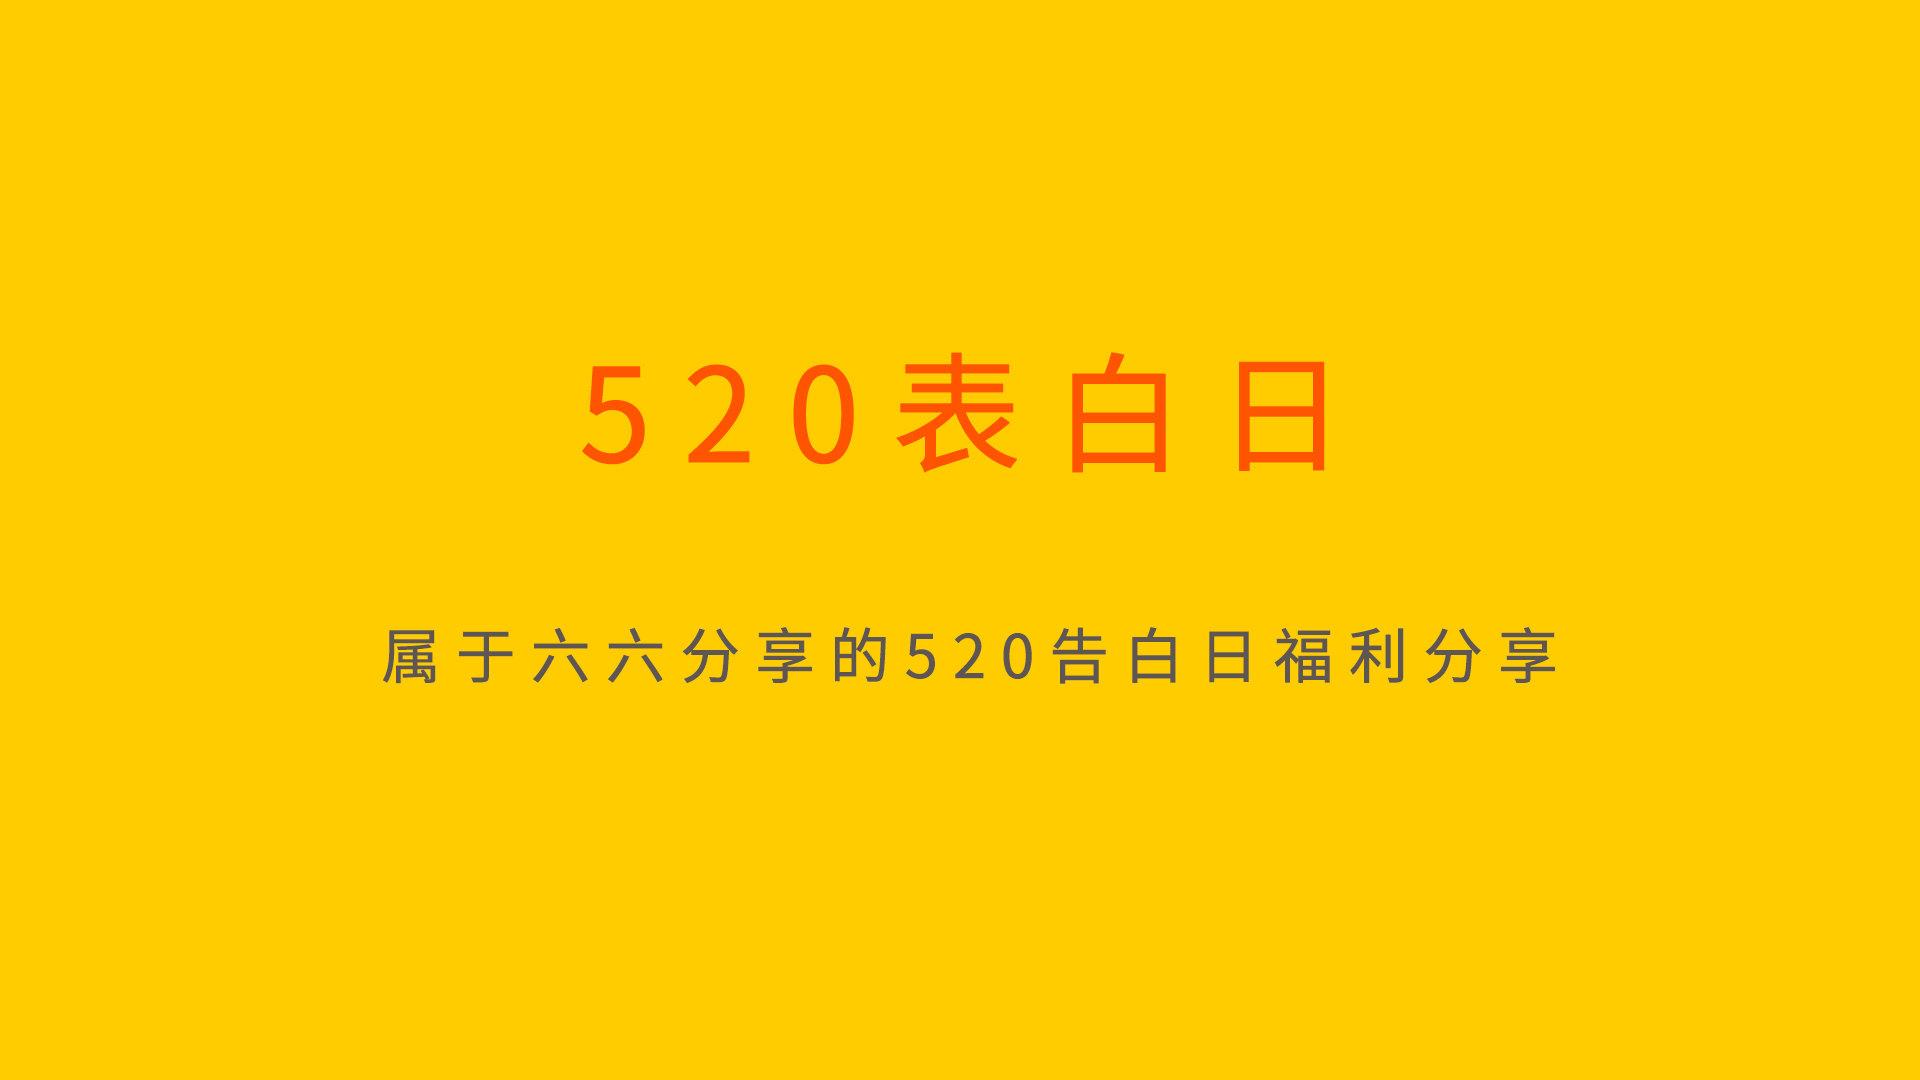 """20表白日丨属于六六分享的520告白日福利分享"""""""